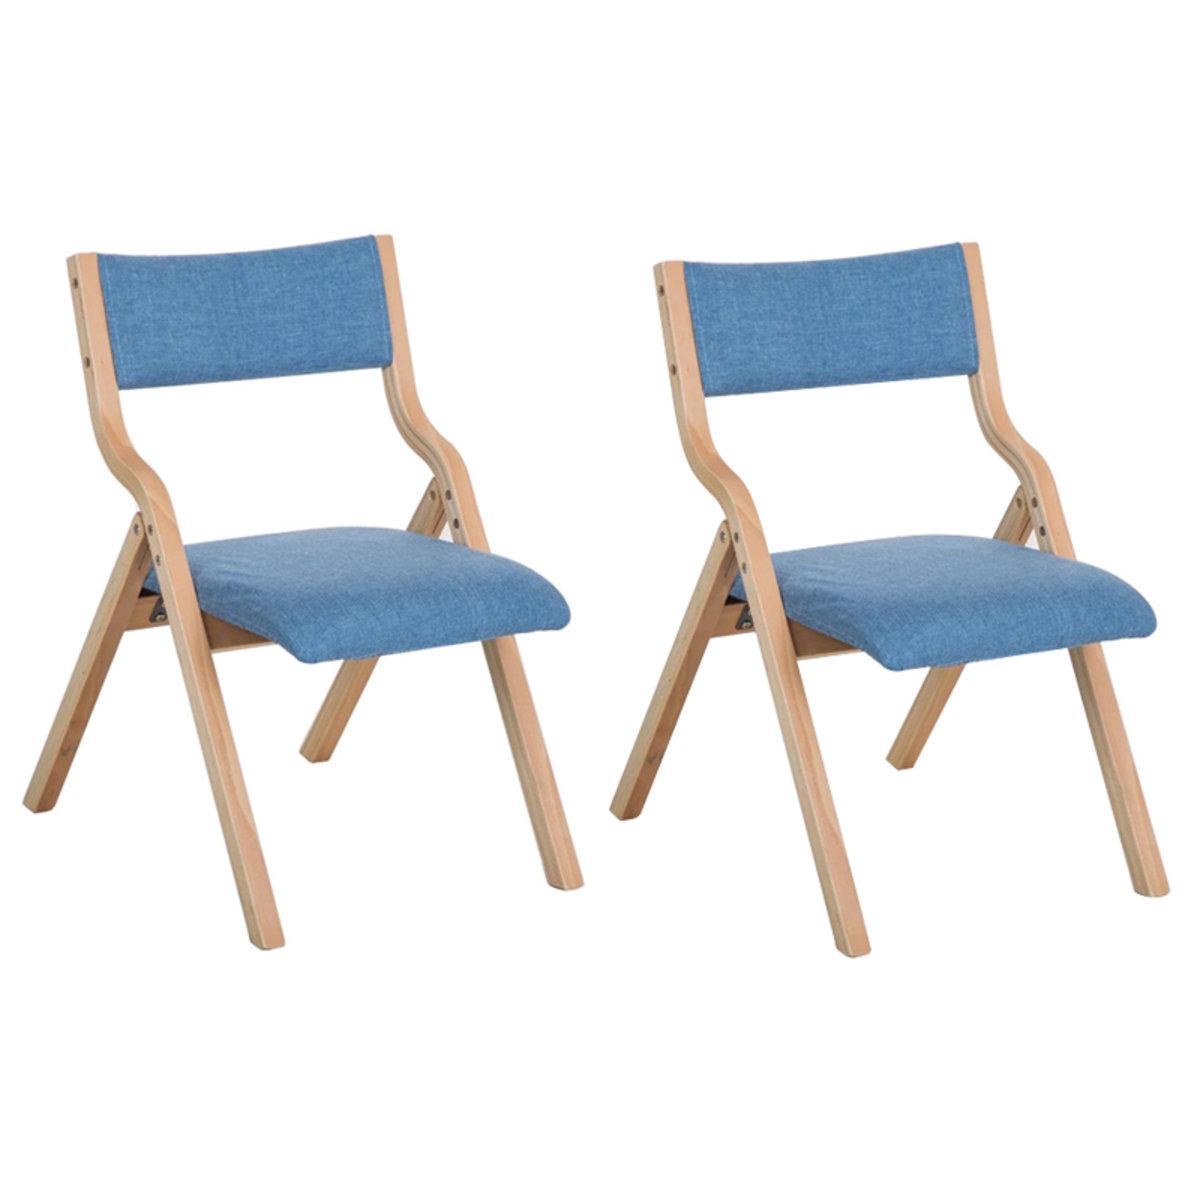 MR2張實木摺疊椅 *1月25日後訂單, 2月23日開始陸續送貨